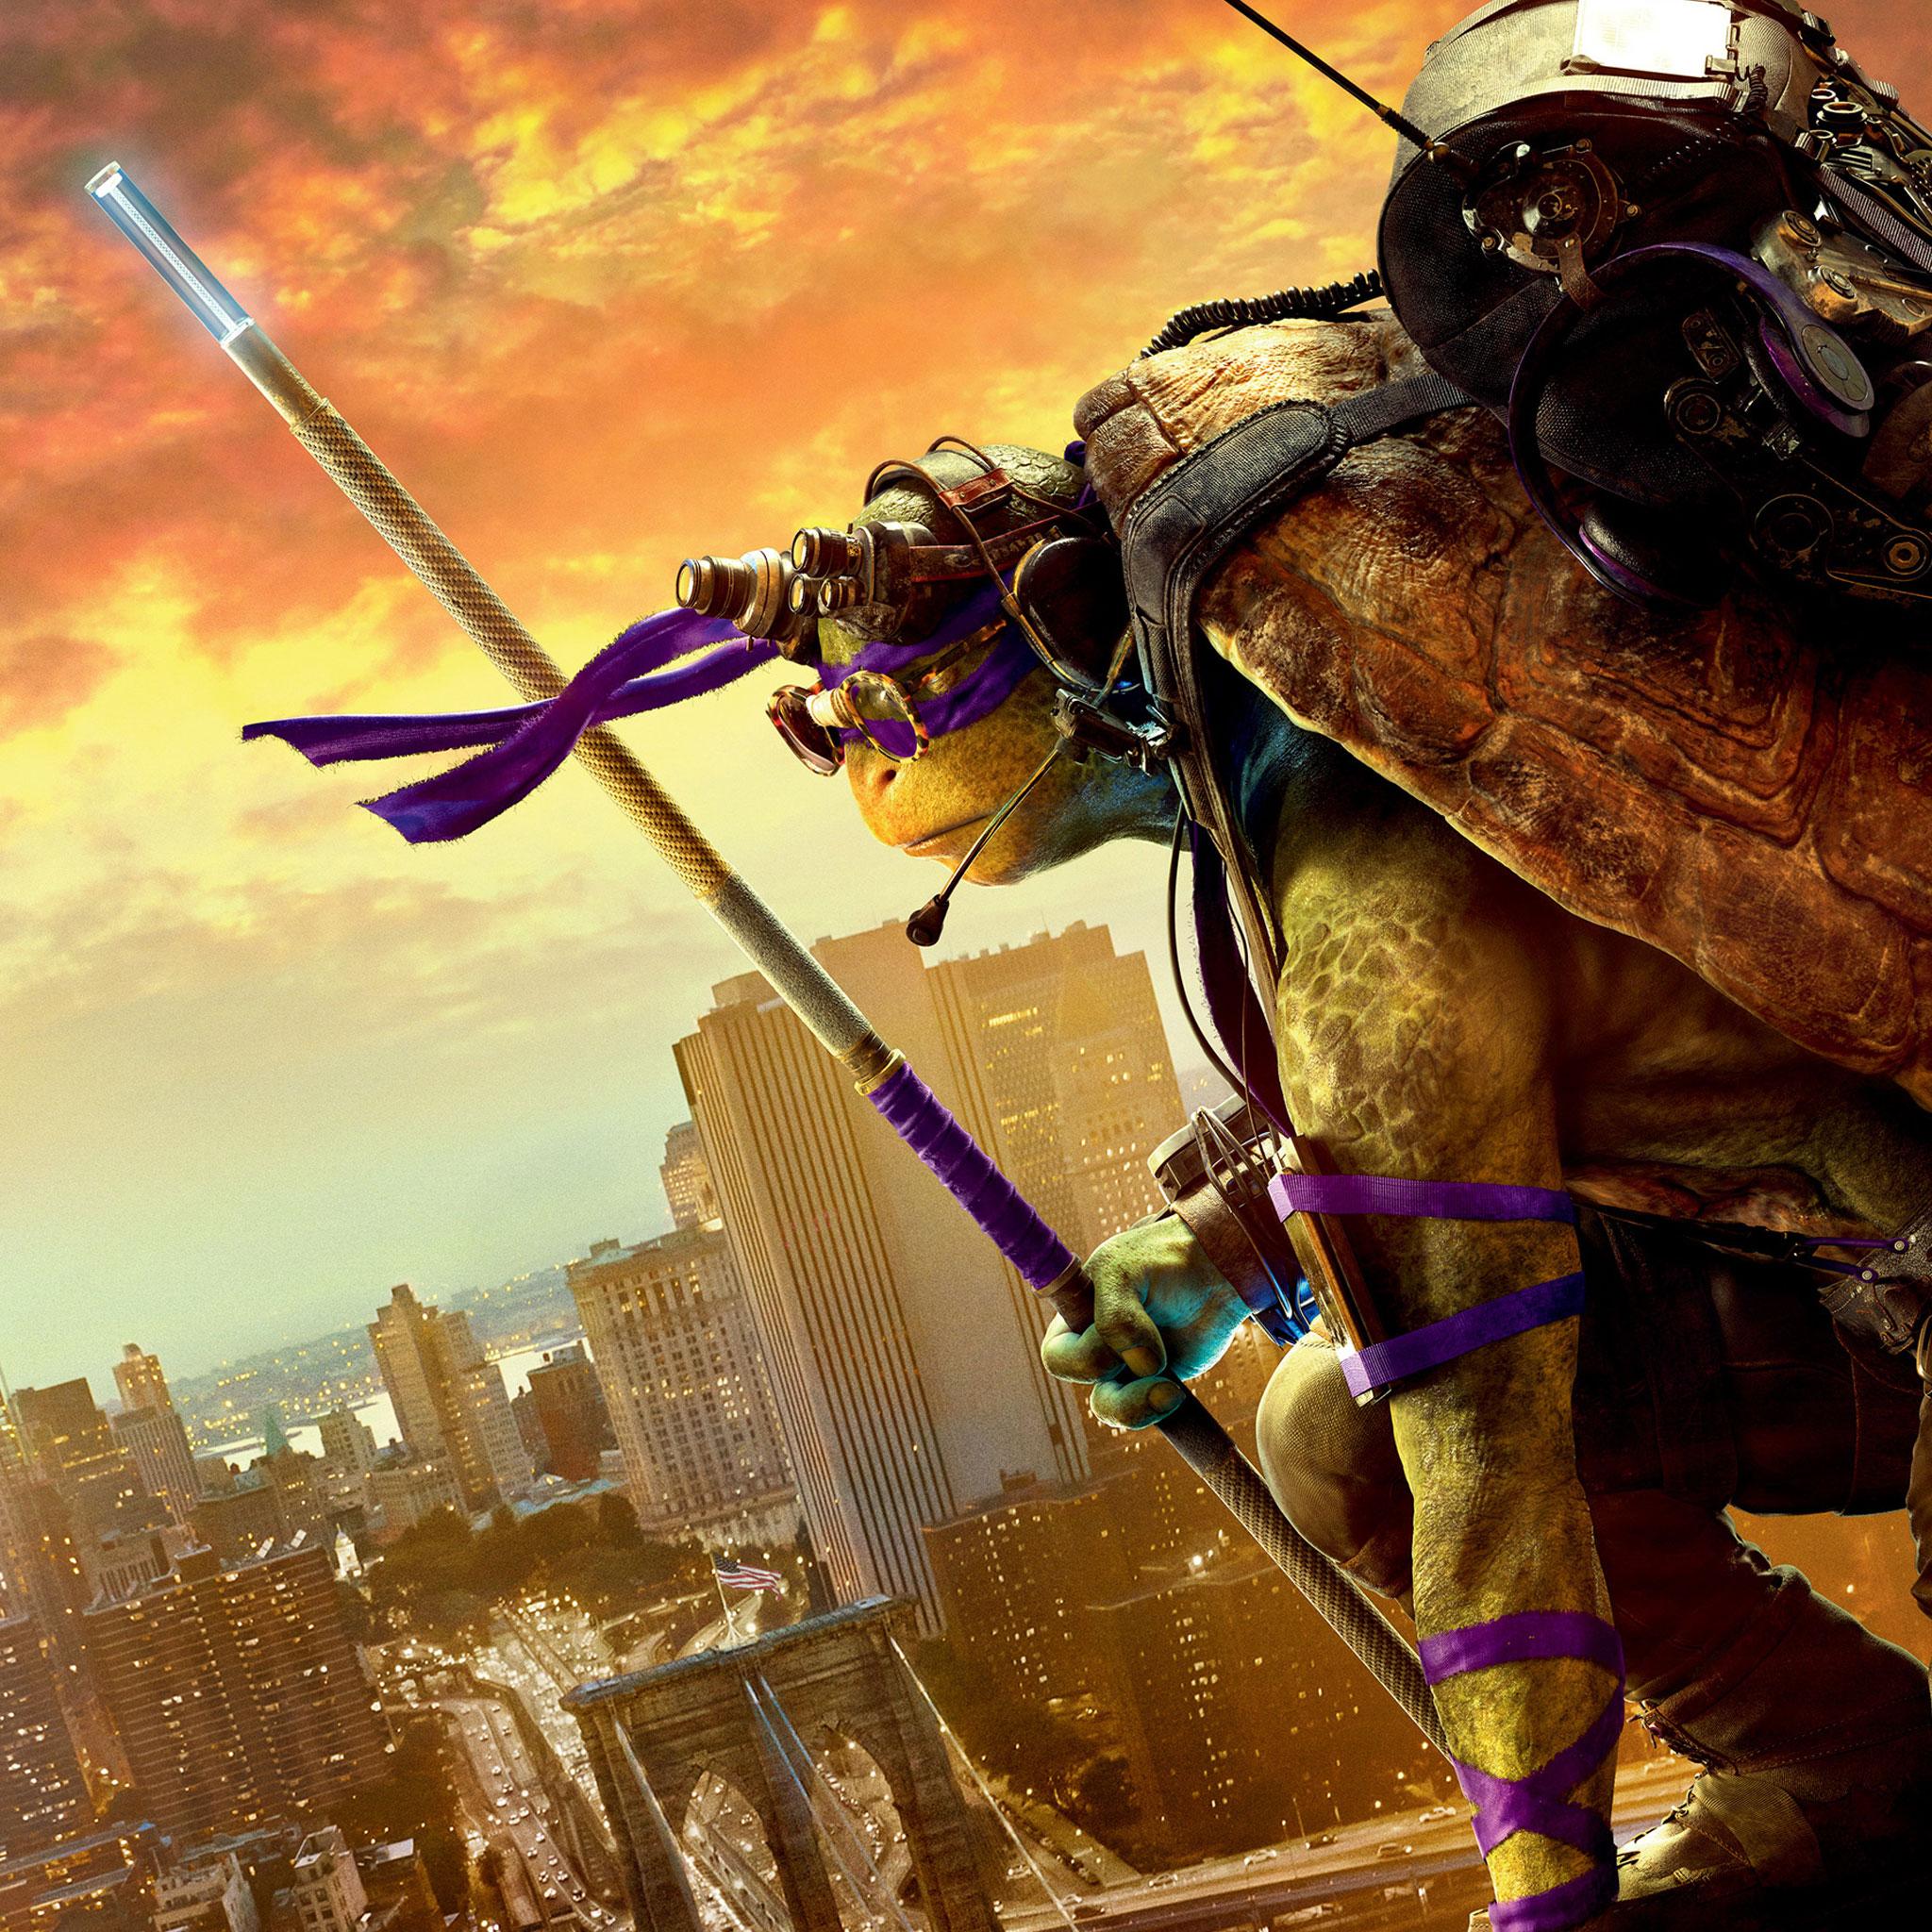 The Origin of The Teenage Mutant Ninja Turtles